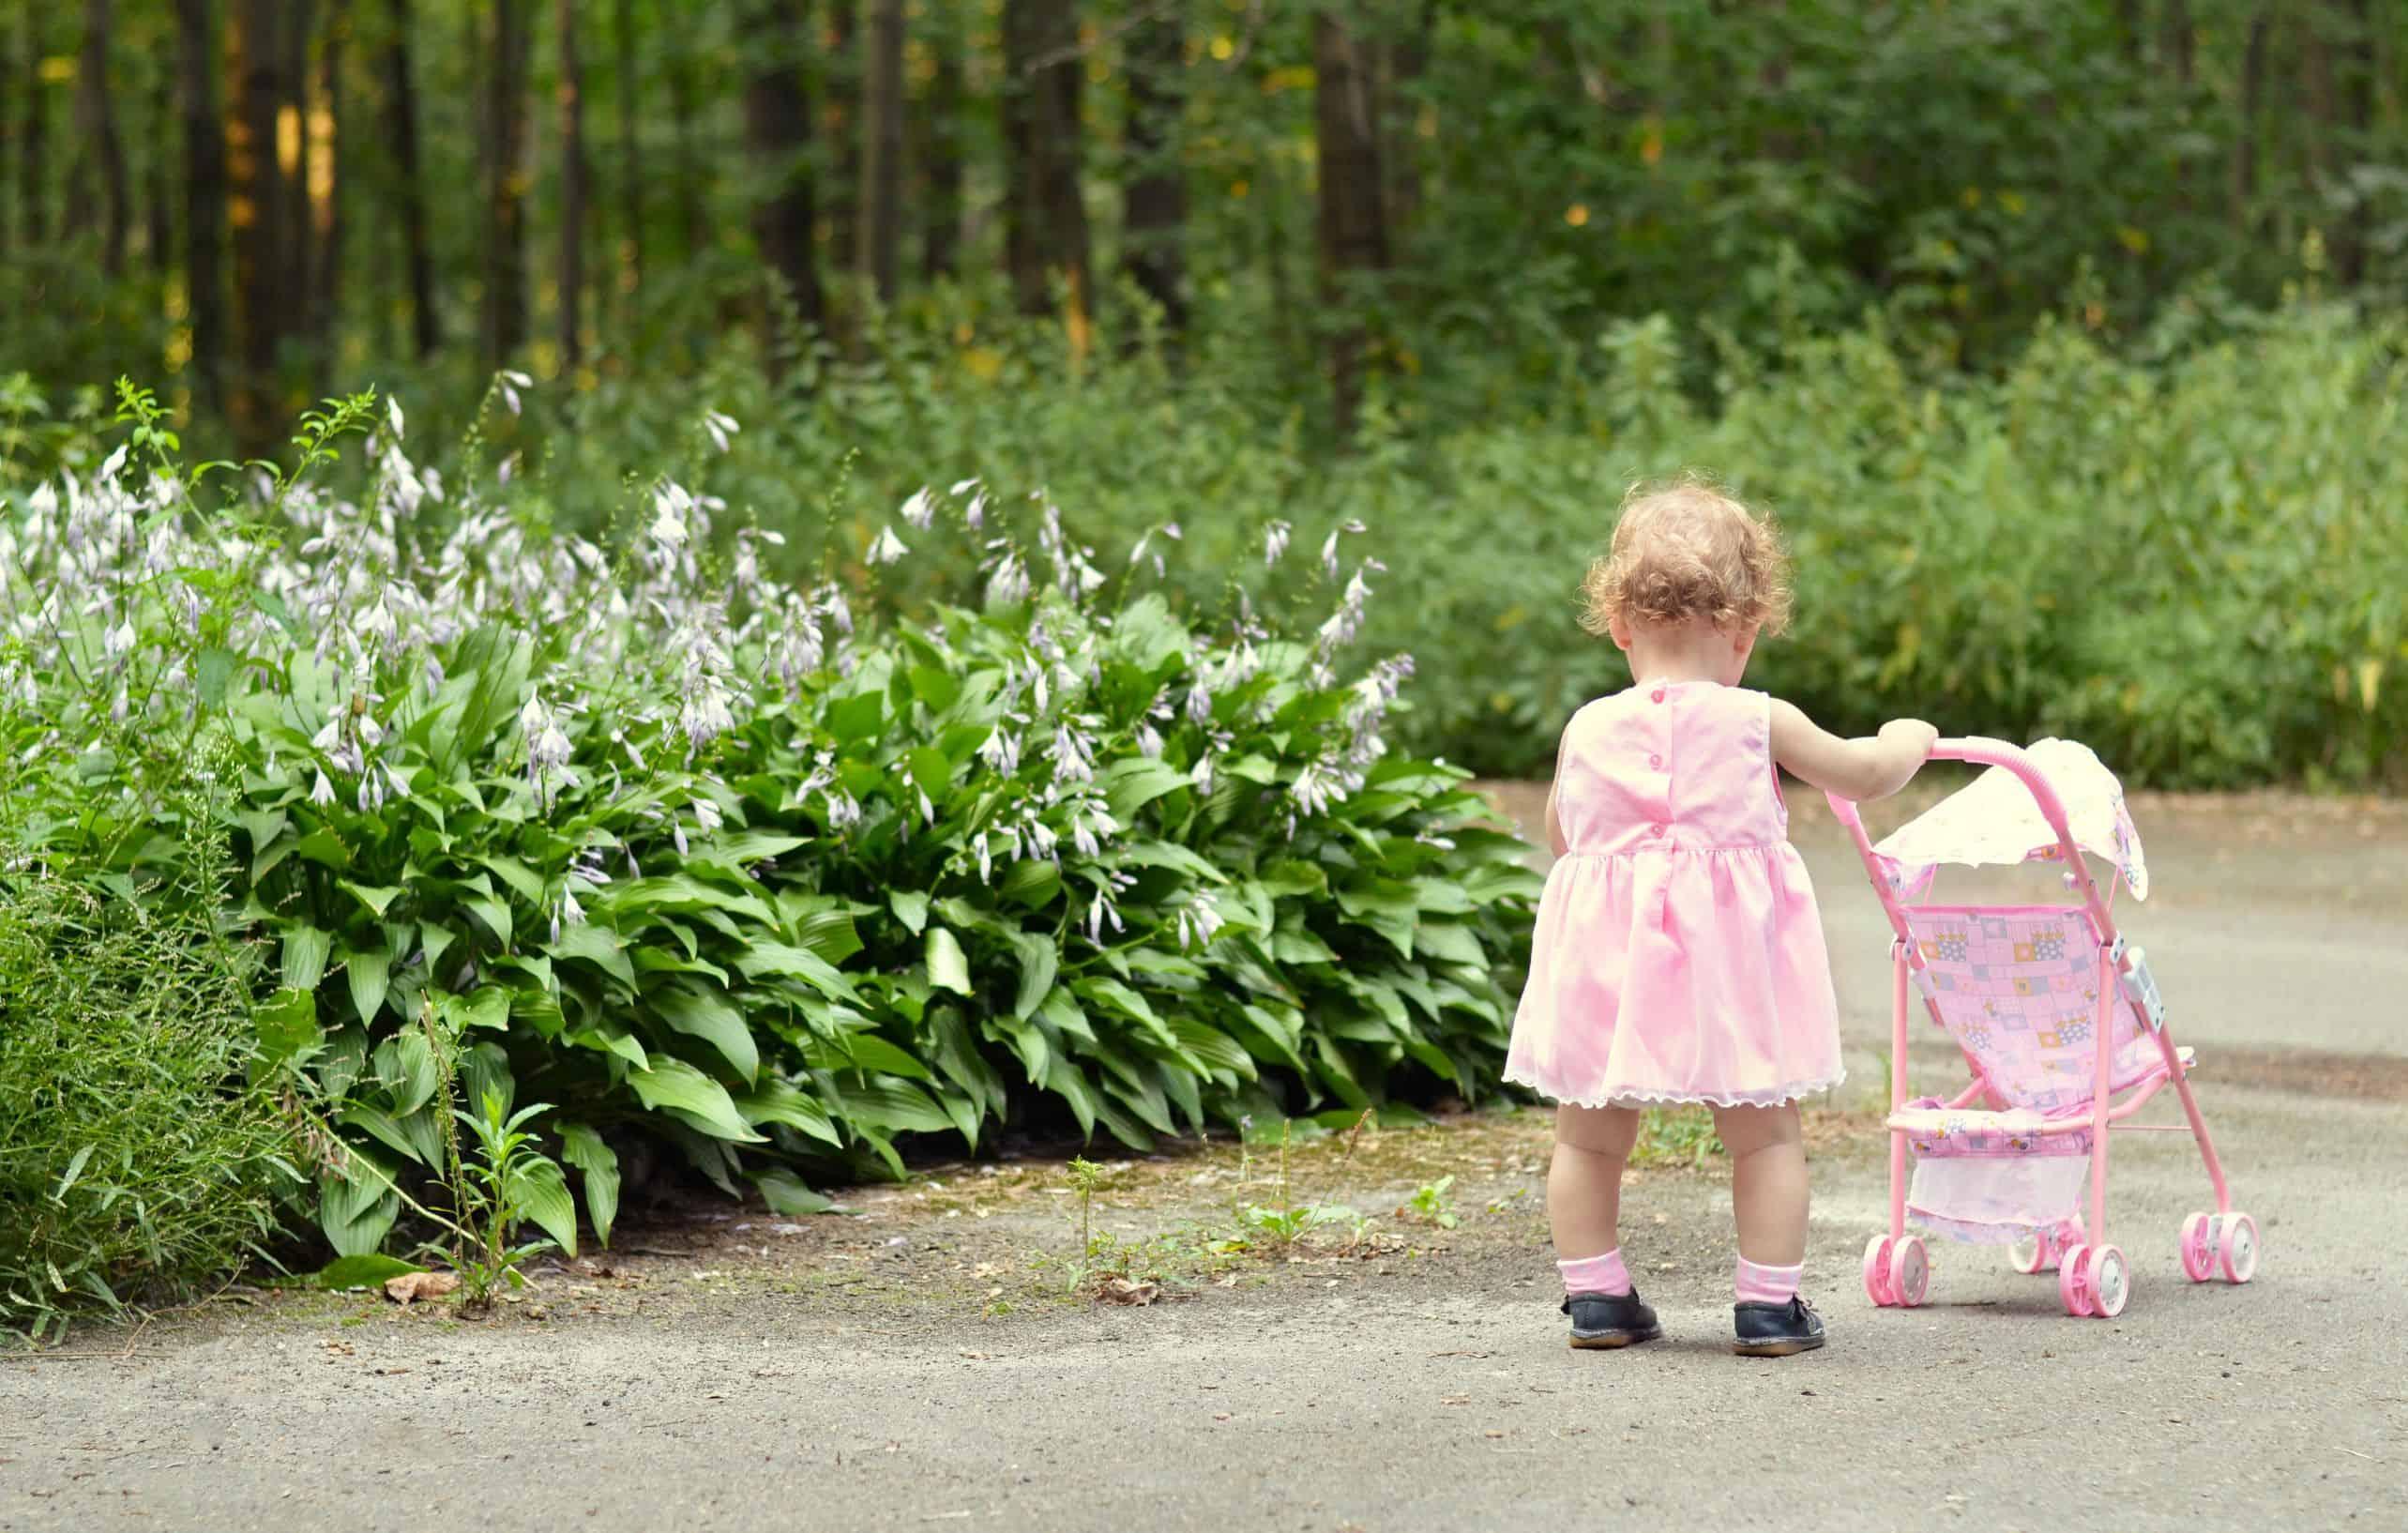 Criança empurrando carrinho de boneca.